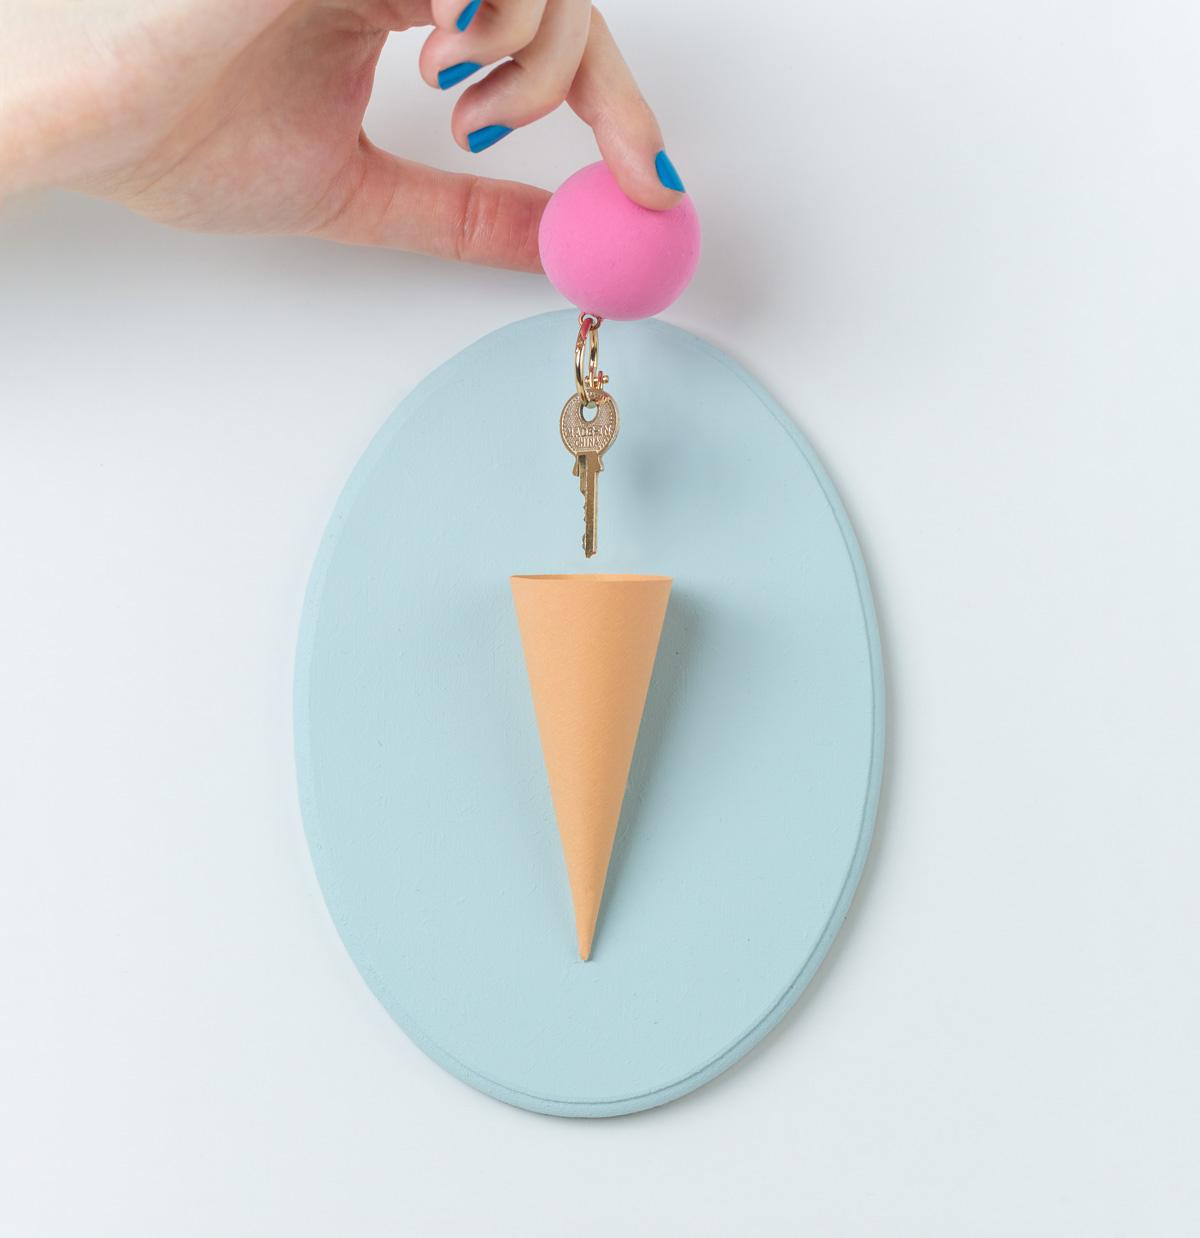 איך להכין מתלה למפתחות בצורת גלידה